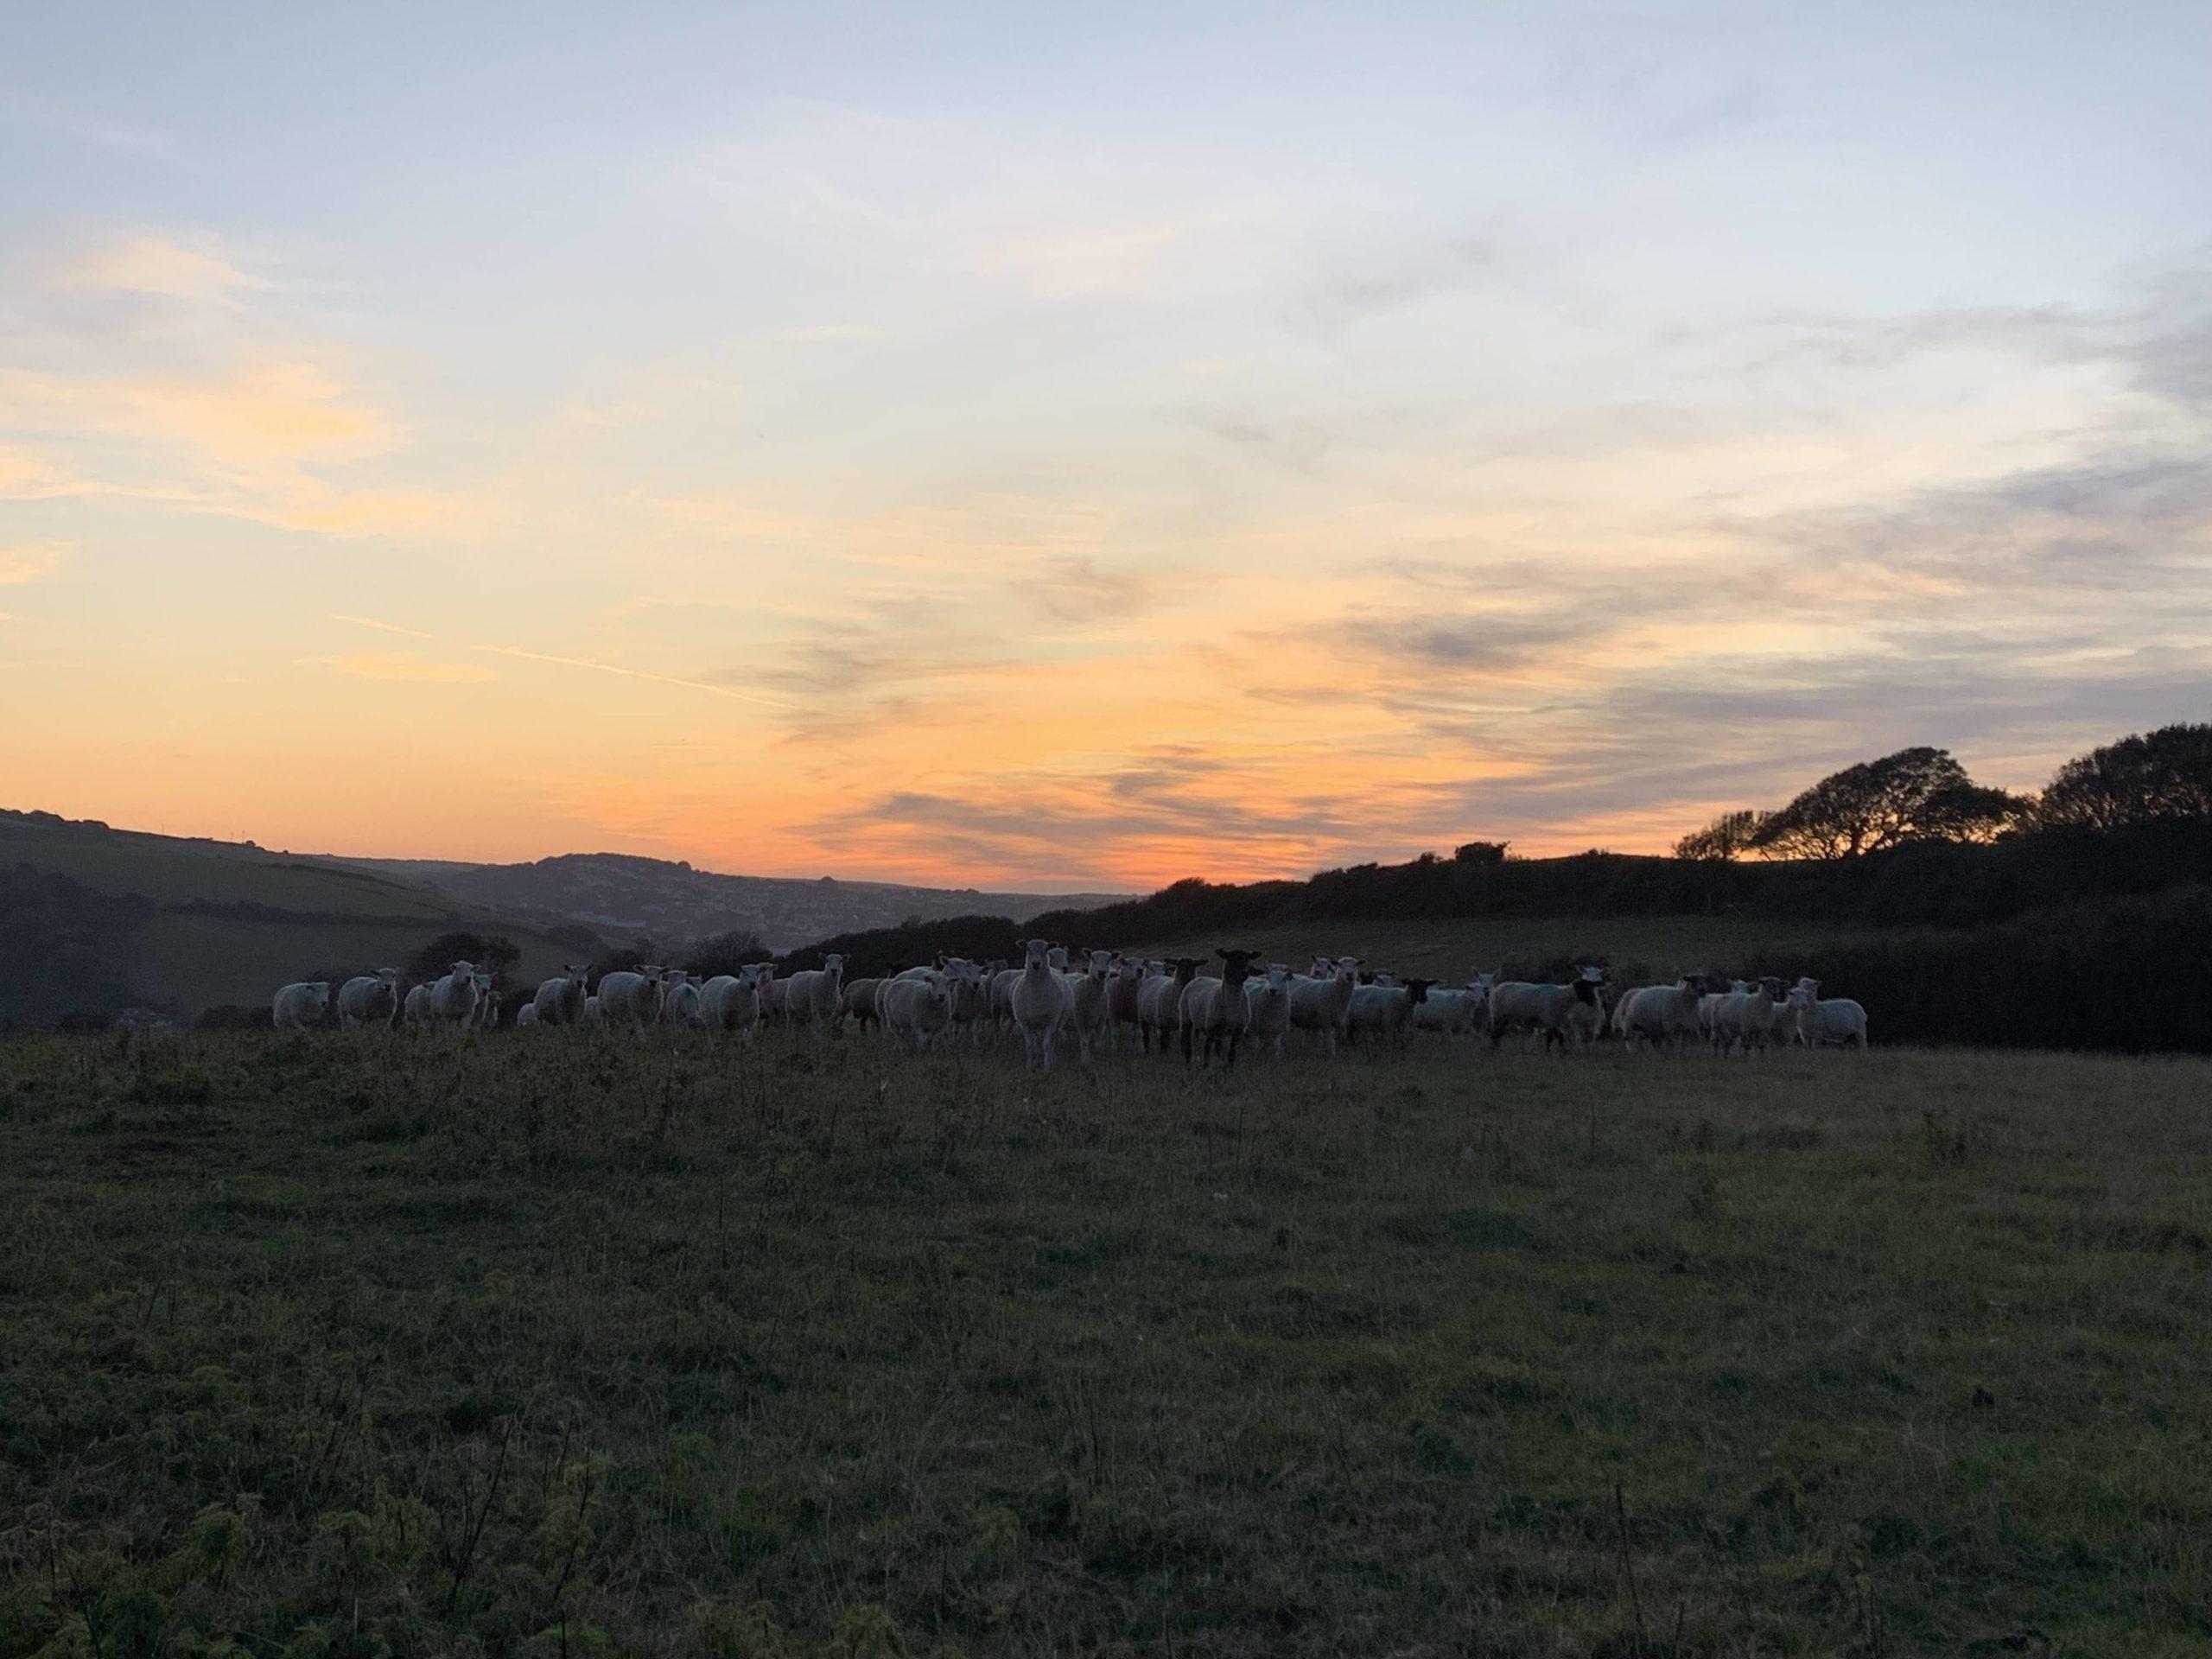 Wilton Farm Sheep